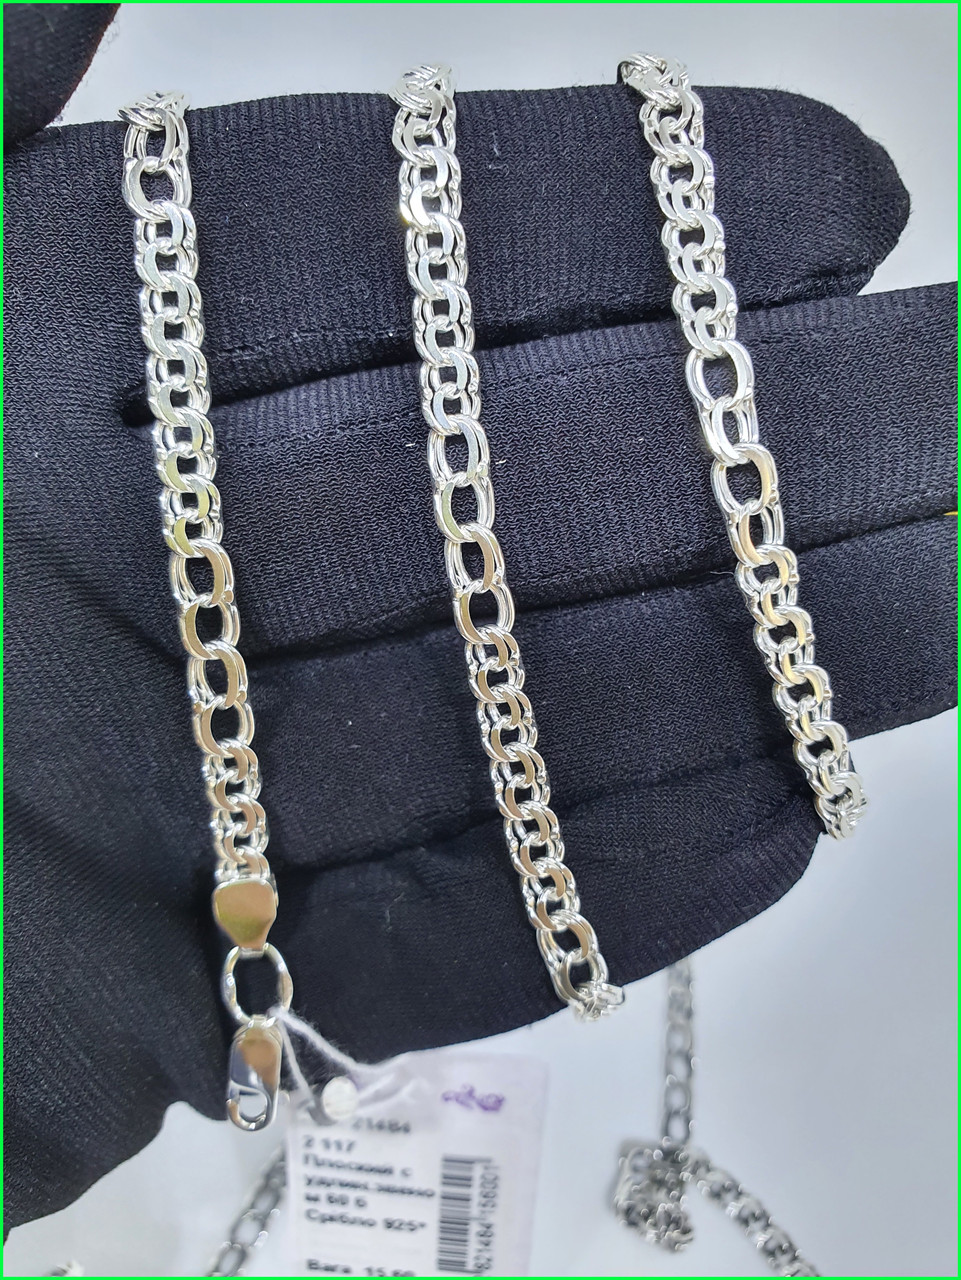 Серебряная цепь Плоский (классический) Бисмарк с удлиненным звеном (длина 60 см, вес 15,6 грамм). 925 проба